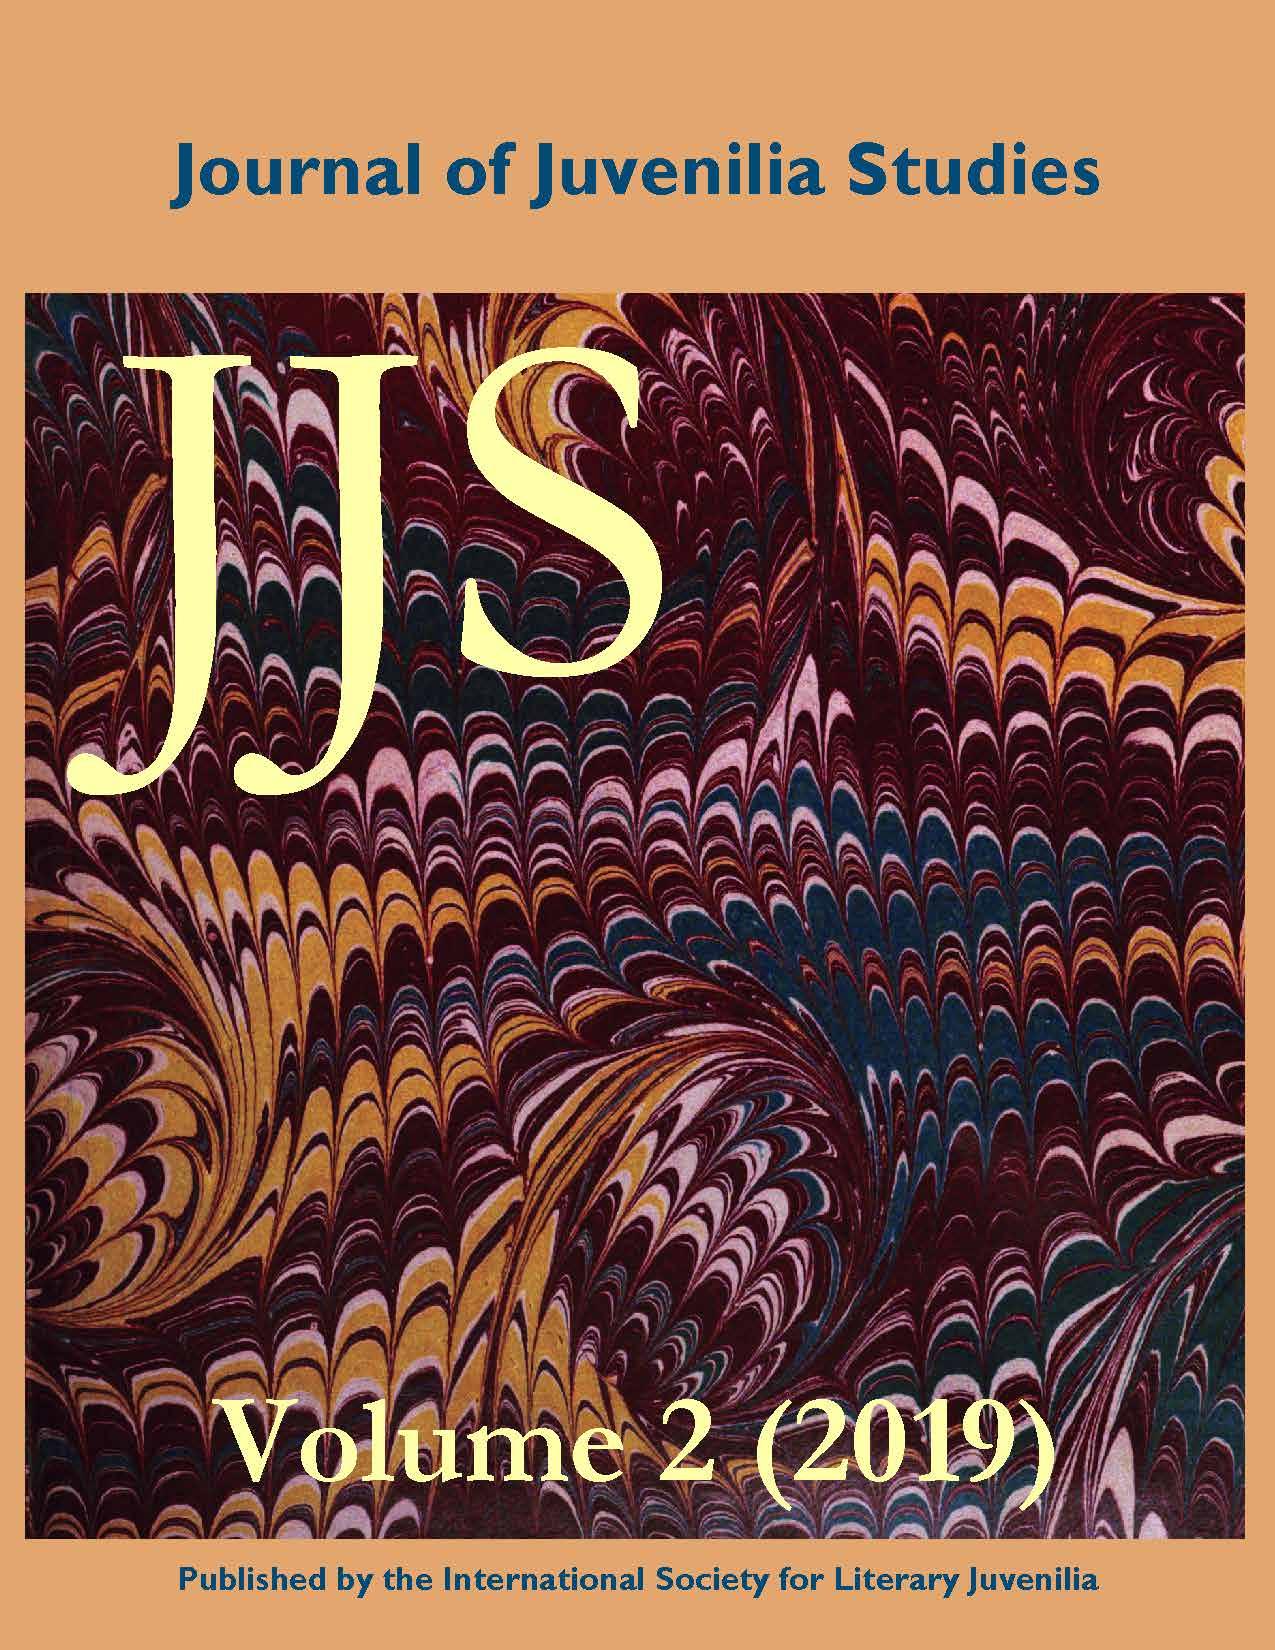 Vol. 2, no. 2, of JJS.